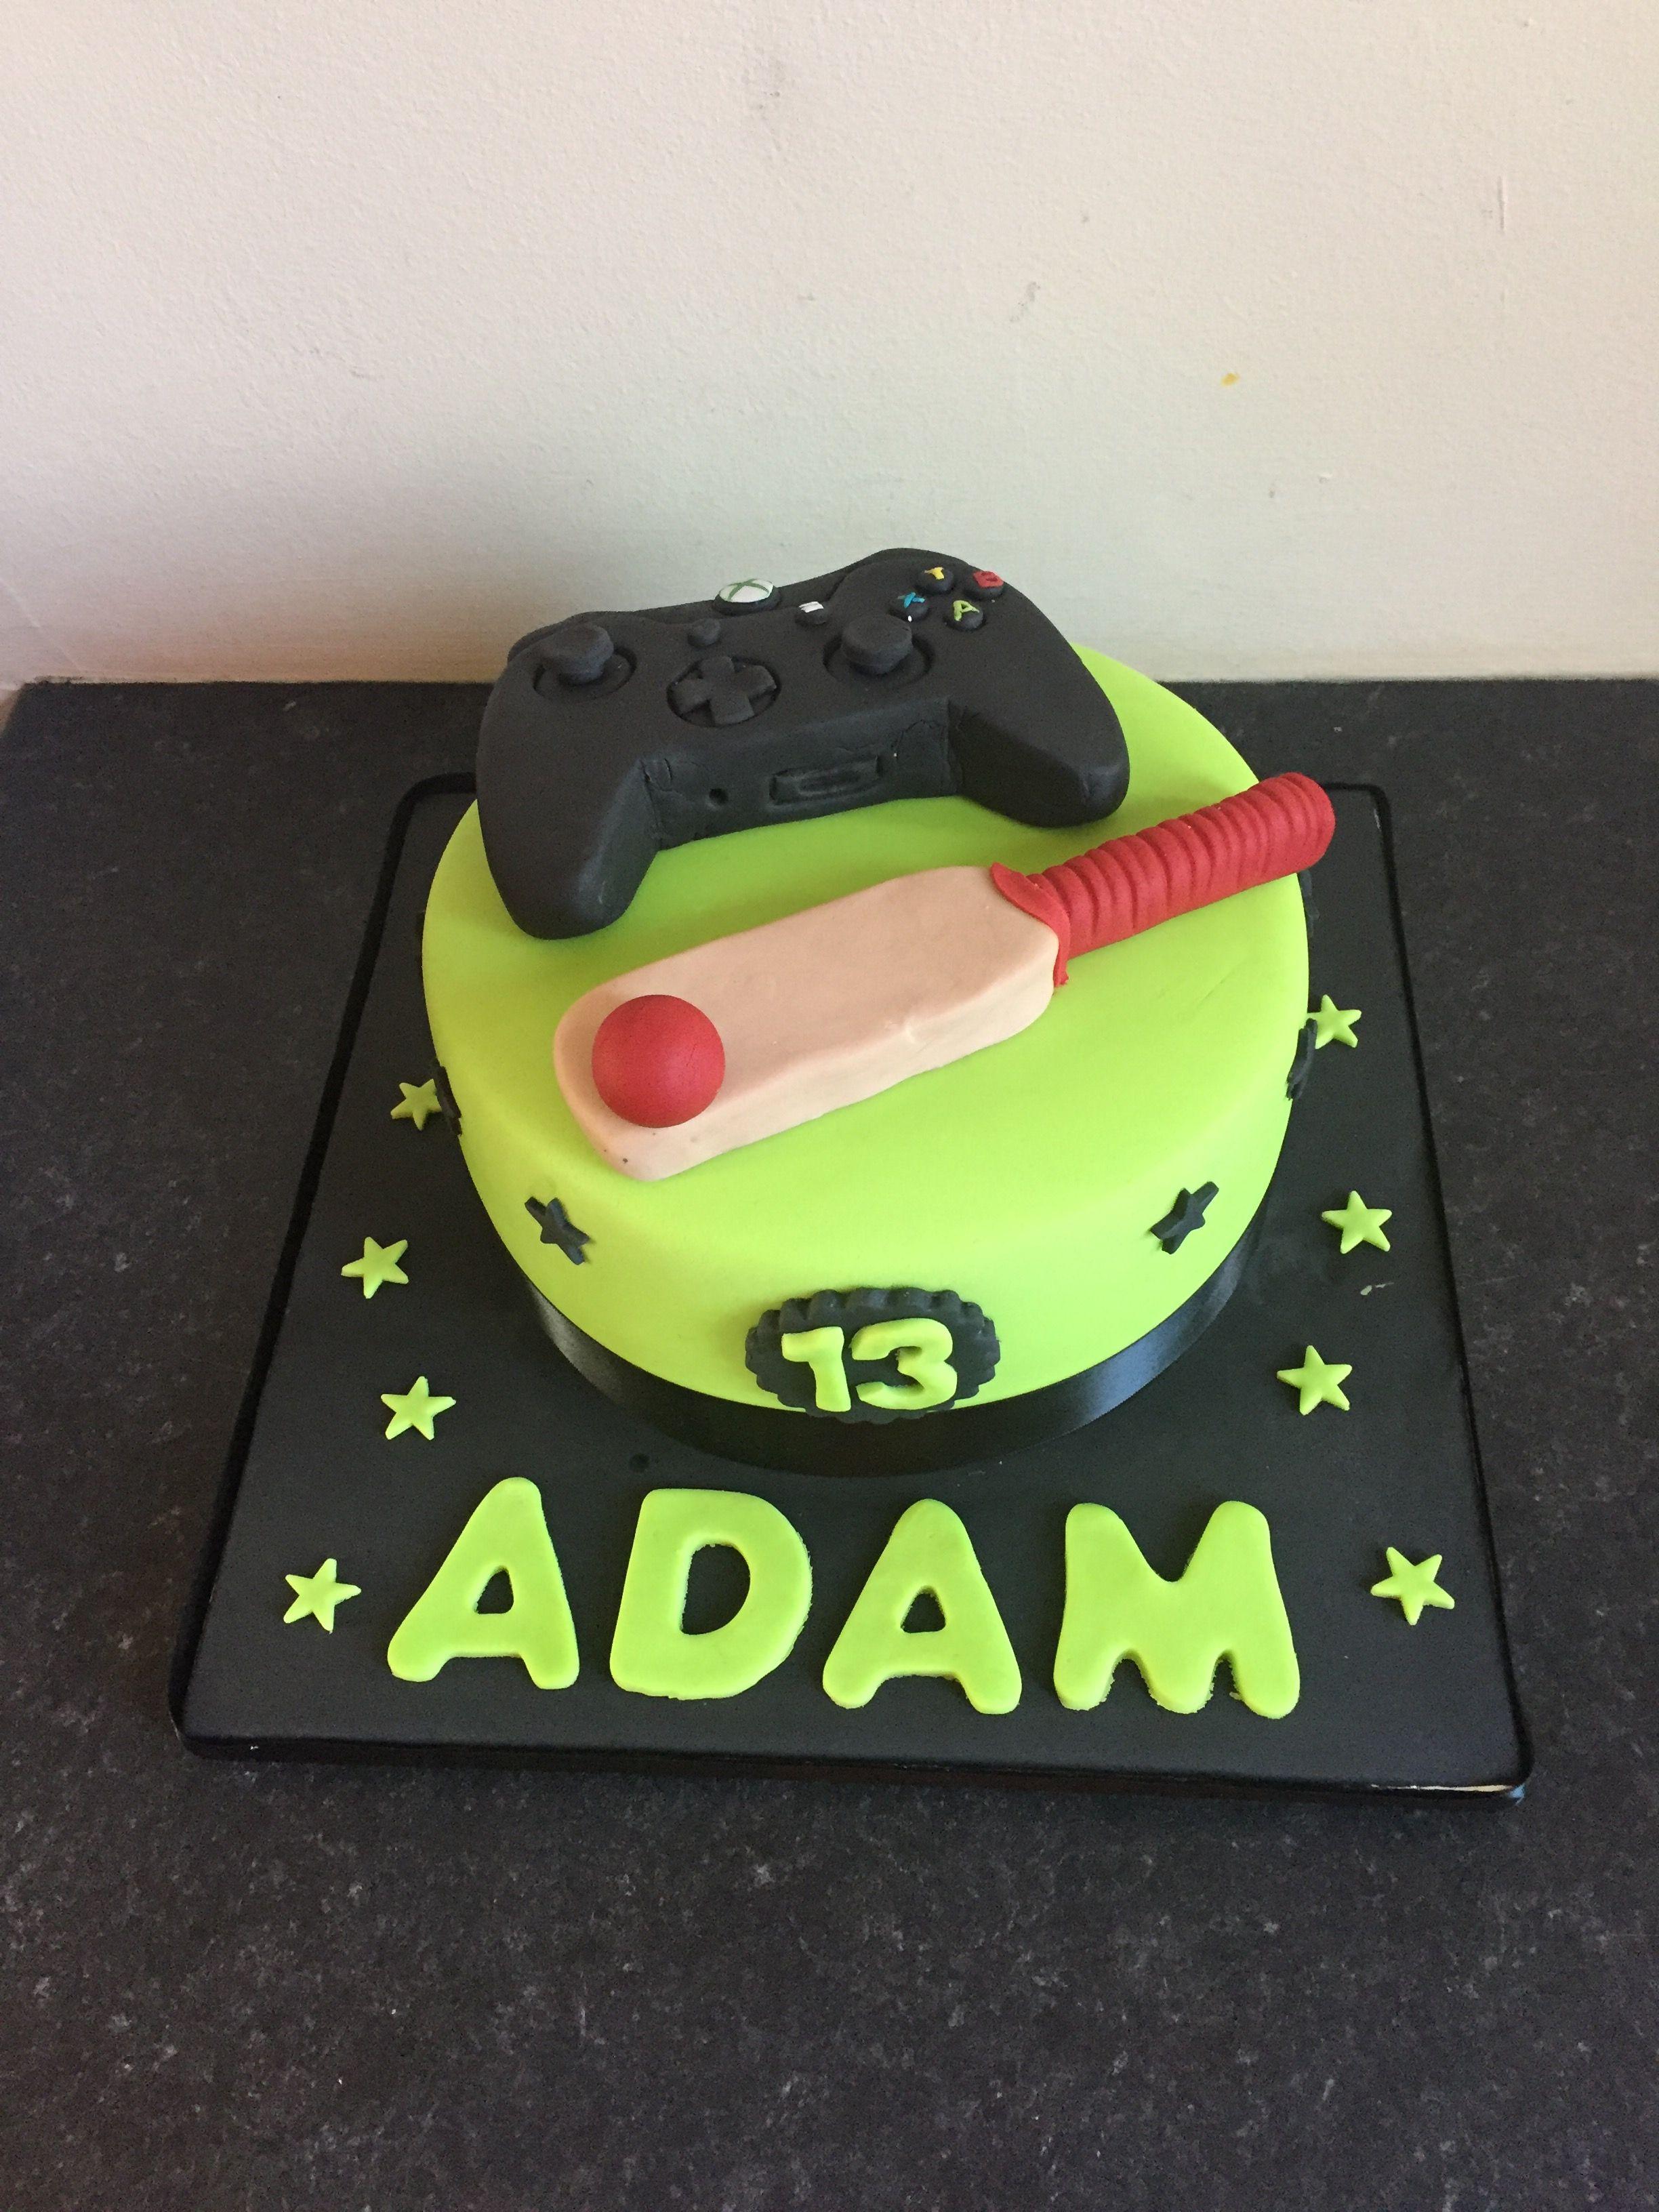 Boys 13th birthday cake xbox cricket 13 birthday cake